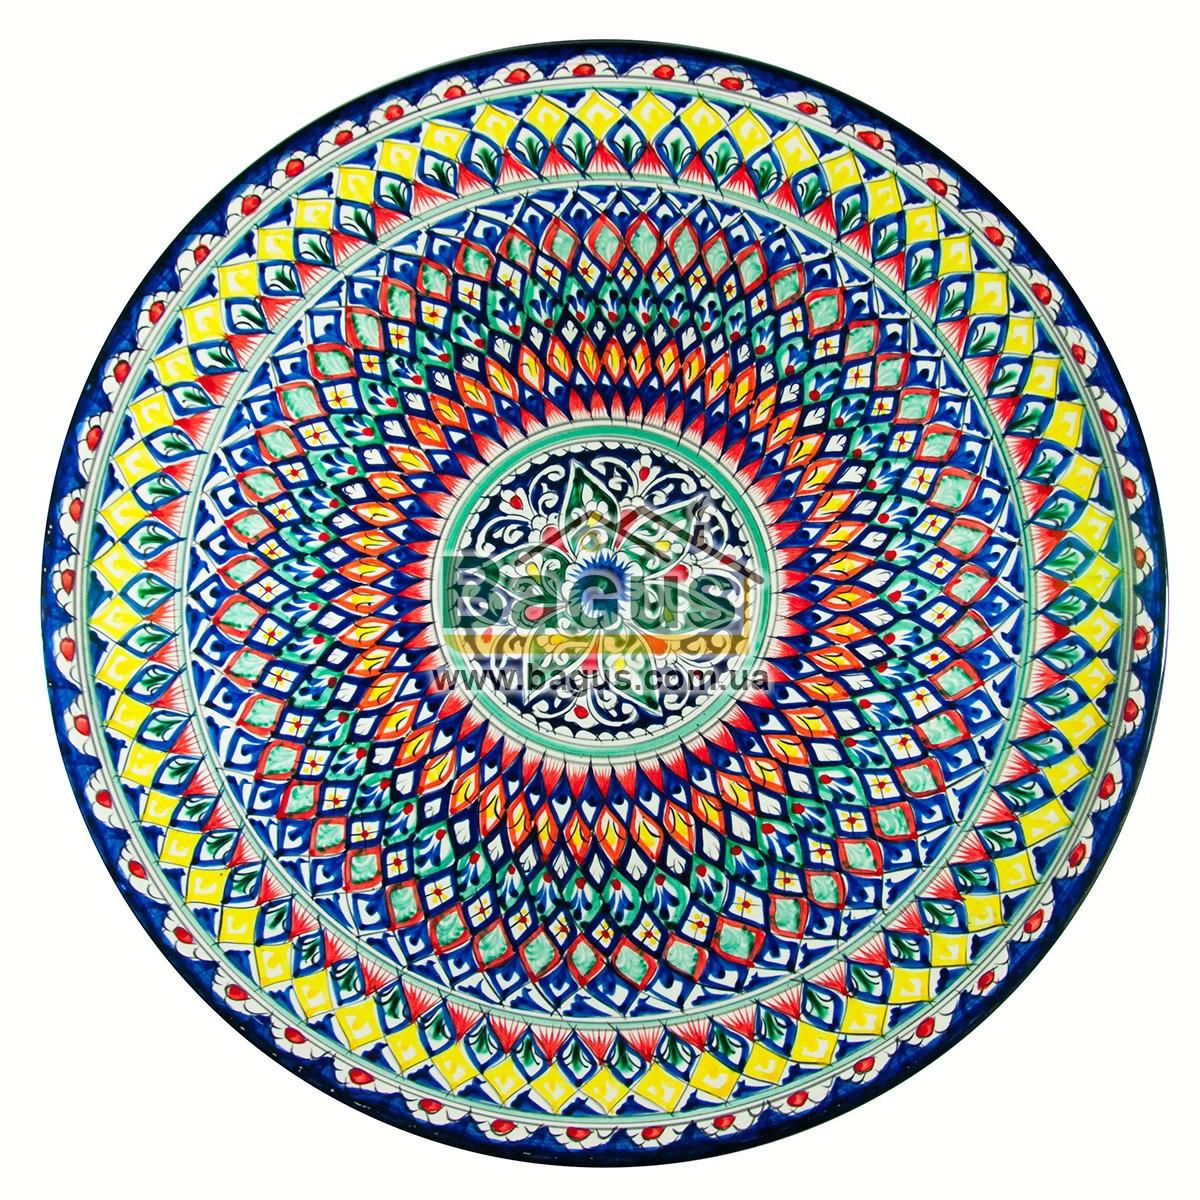 Ляган узбекский (тарелка узбекская) диаметр 55см ручная работа 5506-06